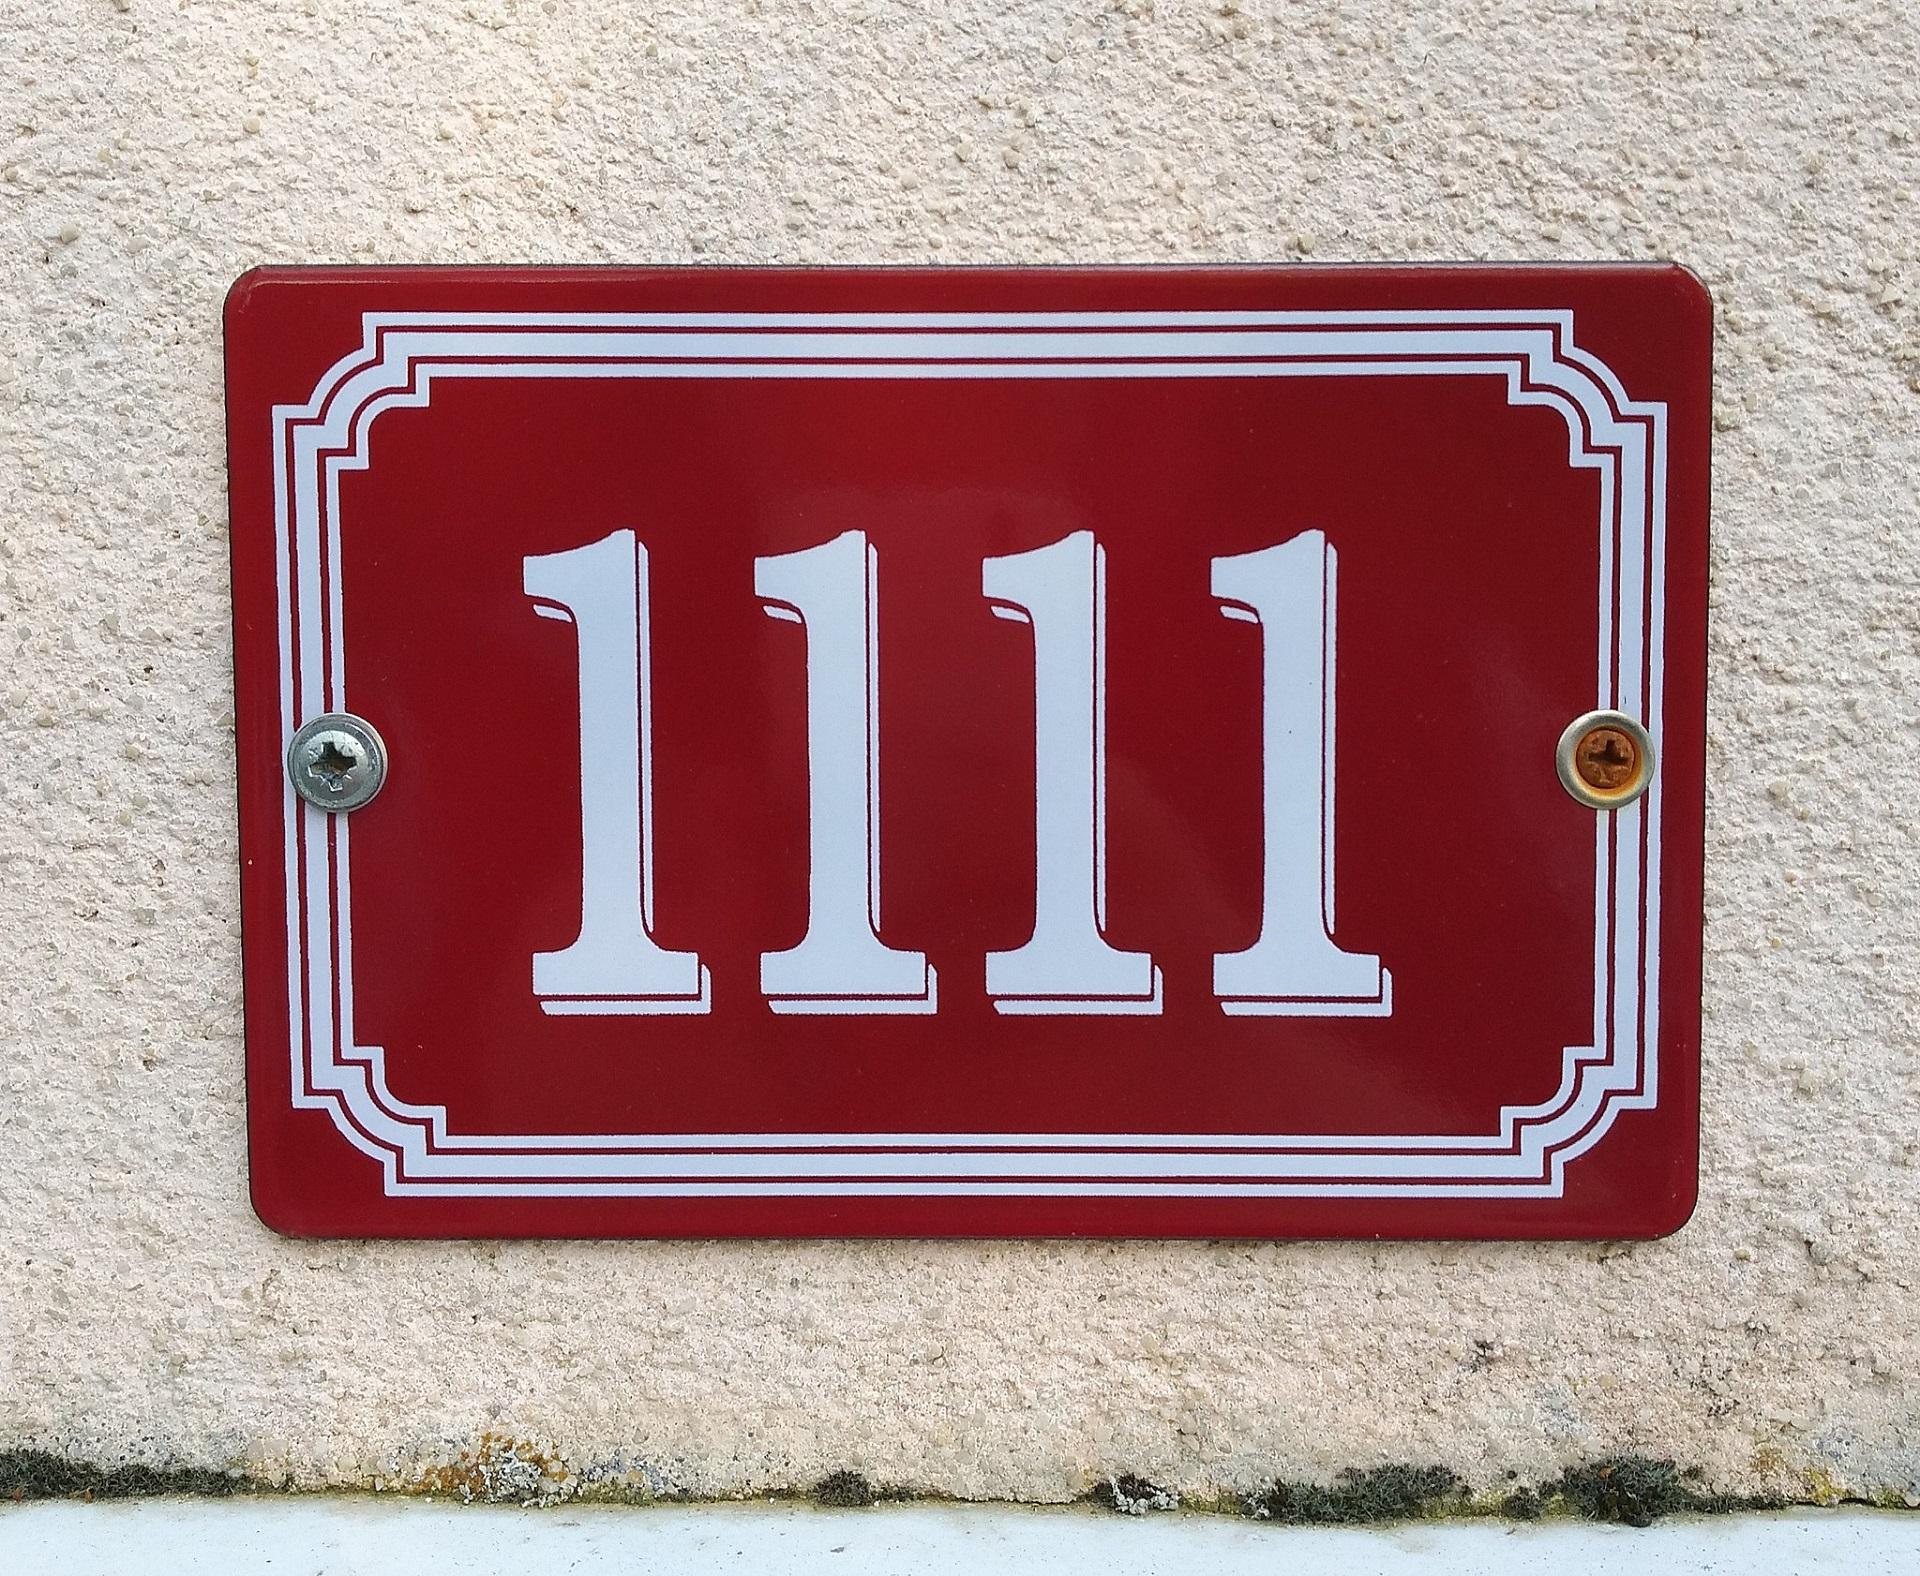 Нумерология и магия чисел. Чего ждать в день четырех единиц 11.01.2021